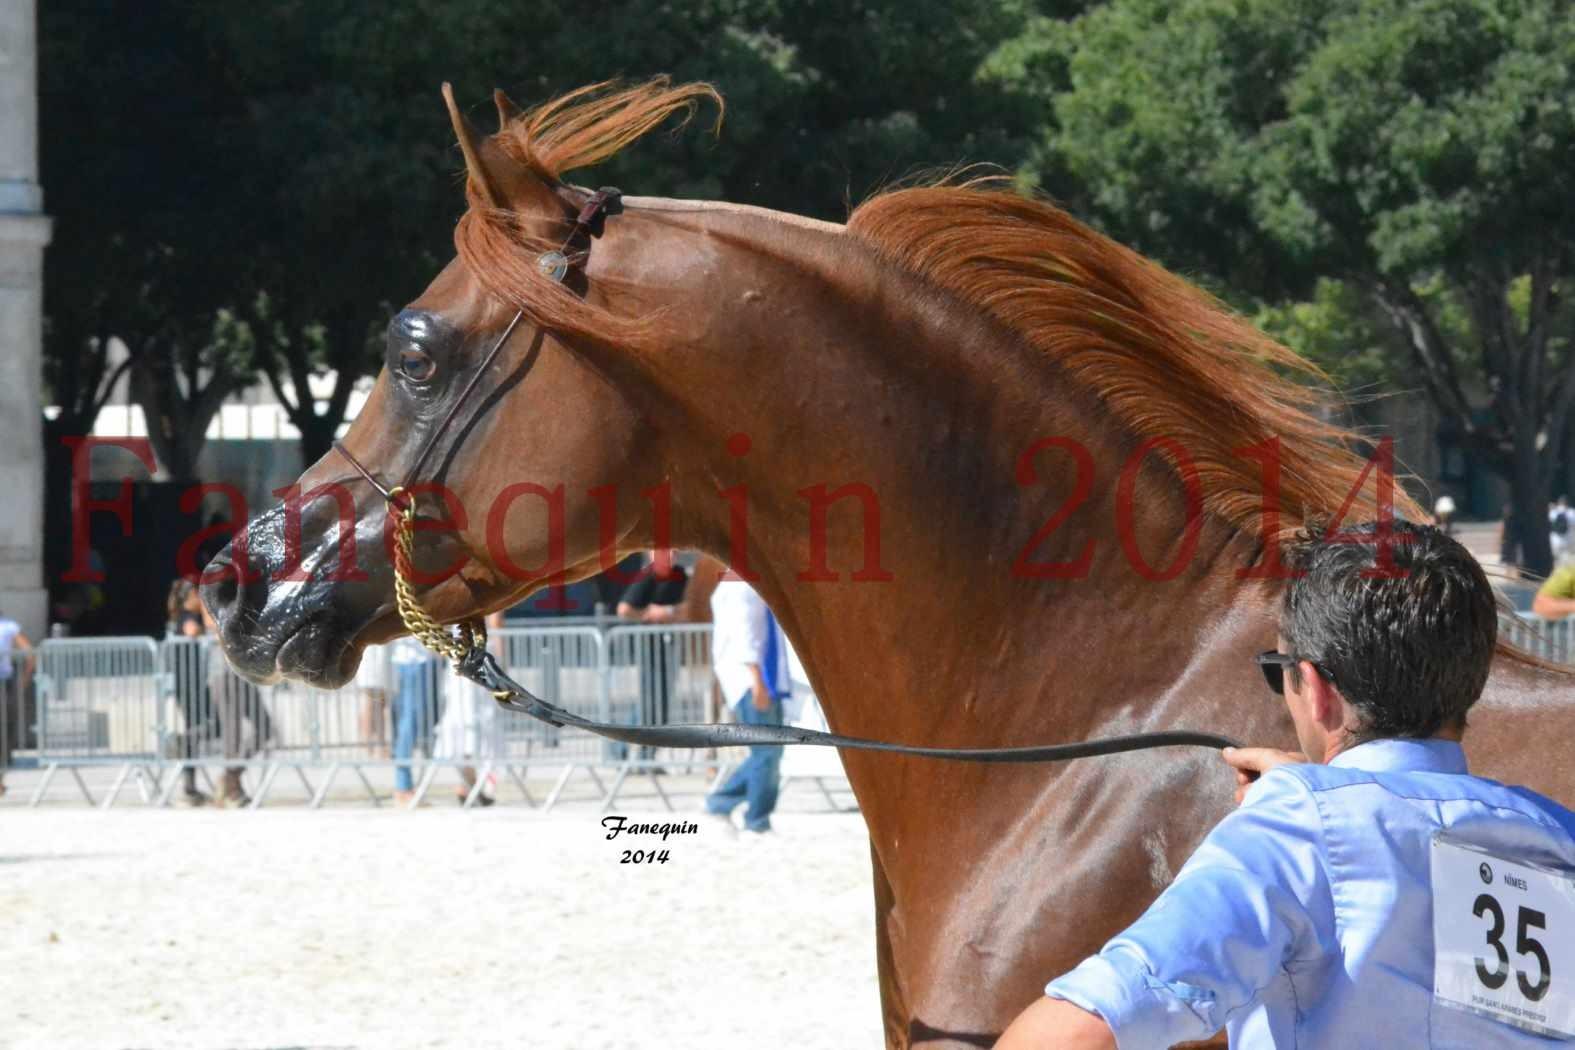 Concours National de Nîmes de chevaux ARABES 2014 - Notre Sélection - Portraits - AINHOA LE BASQUE - 2